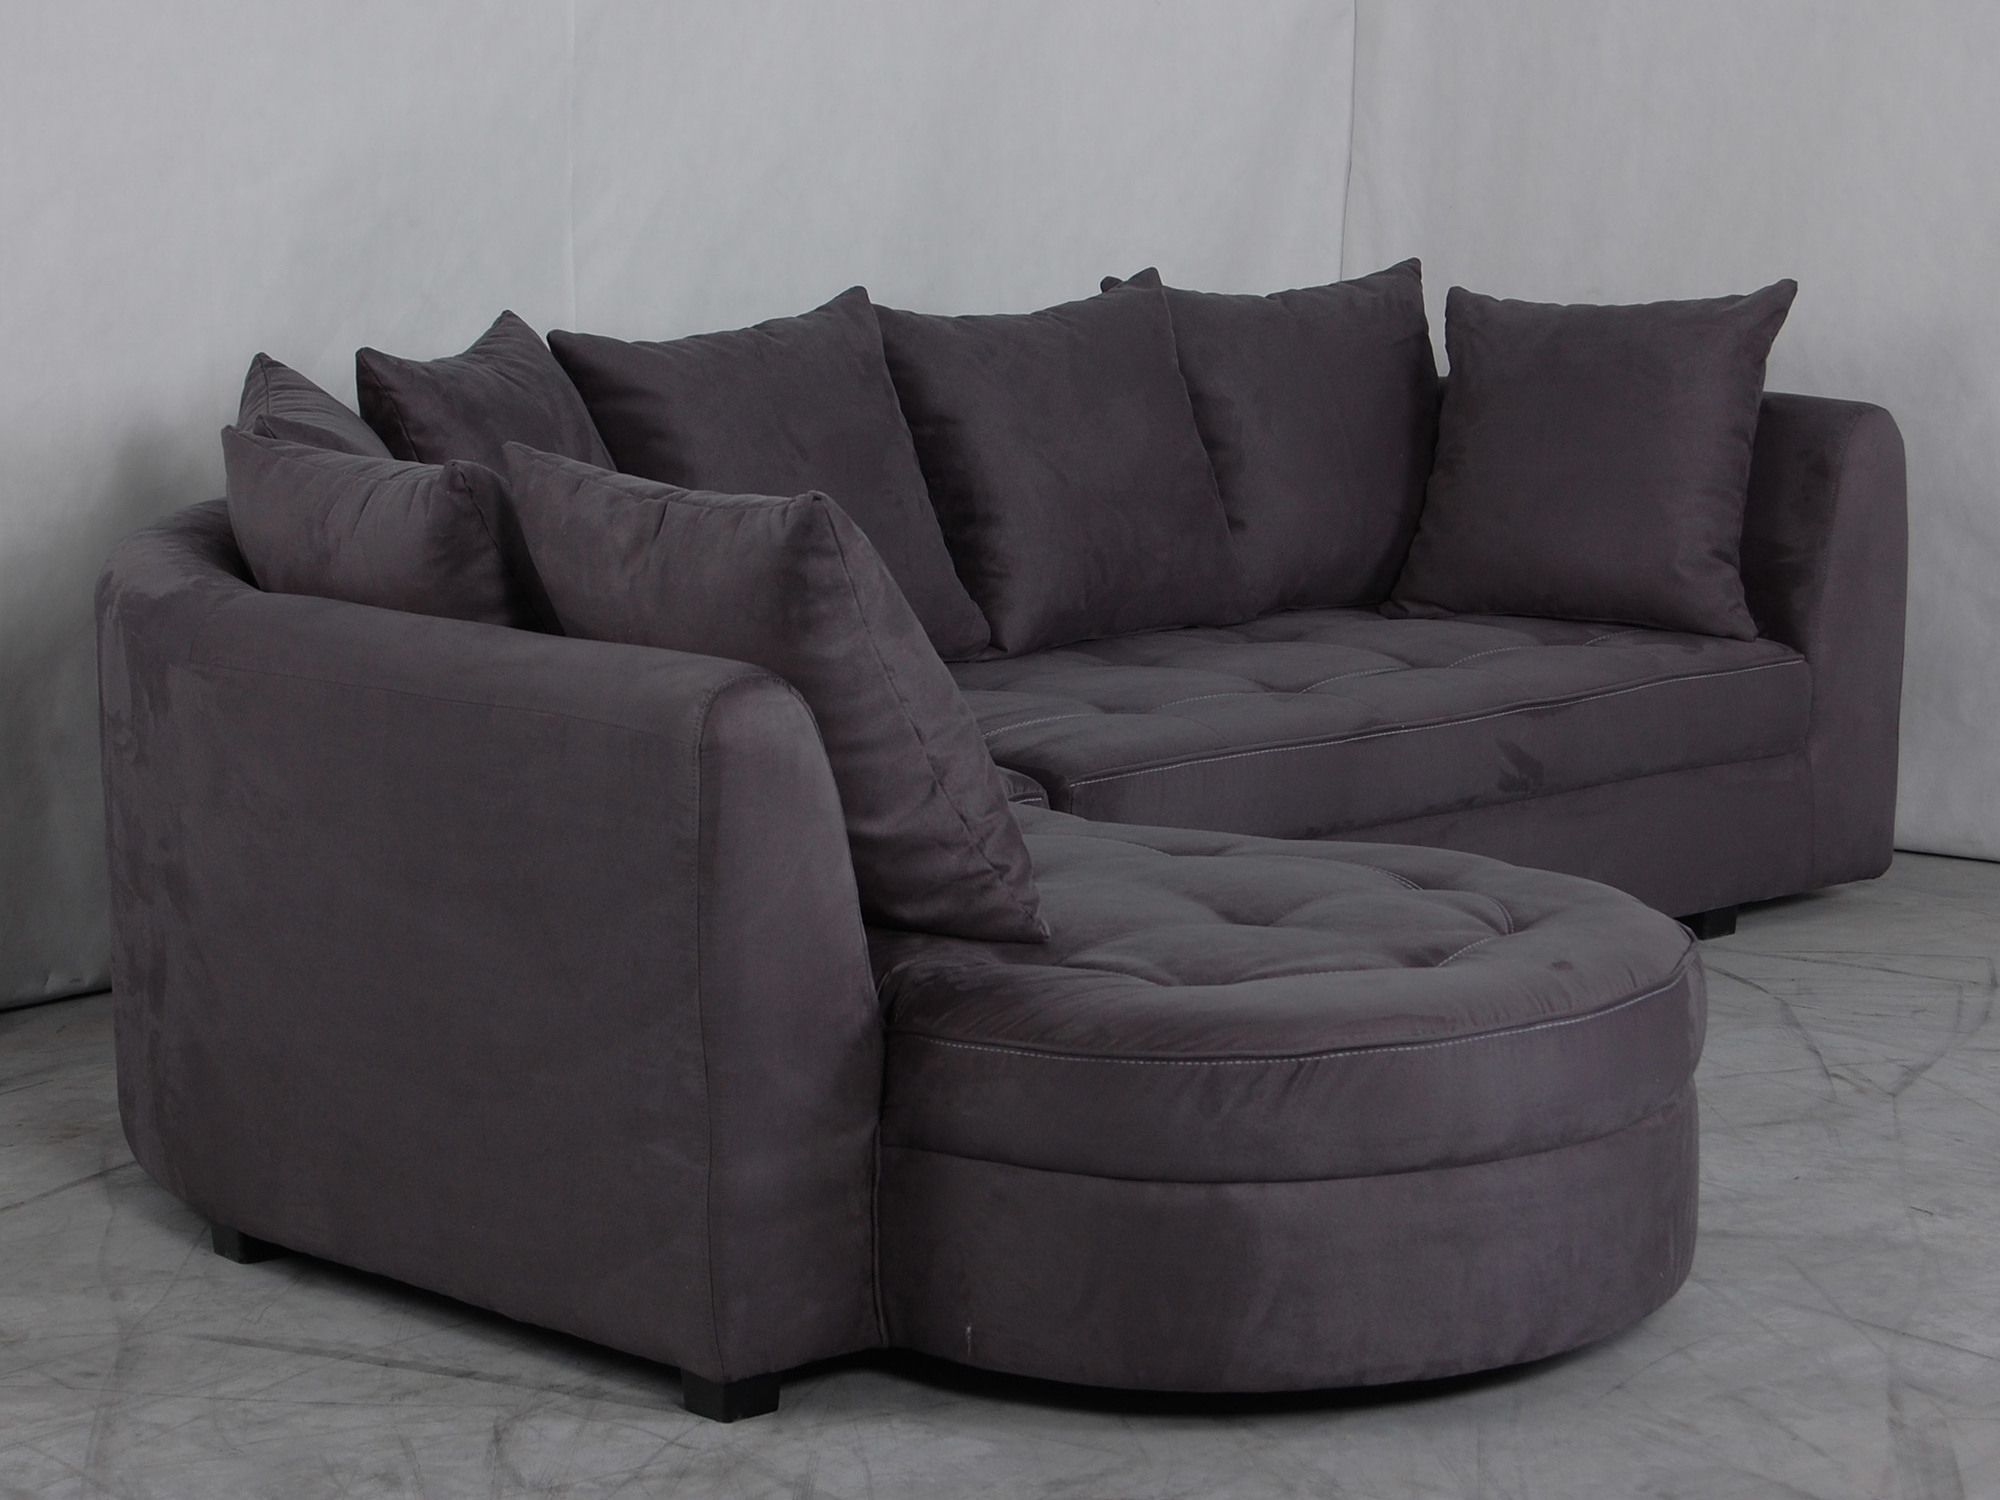 Jete De Canape D Angle Beau Photos Chambre Coussin Pour Canapé D Angle Dangle Modulable Tissu Gris